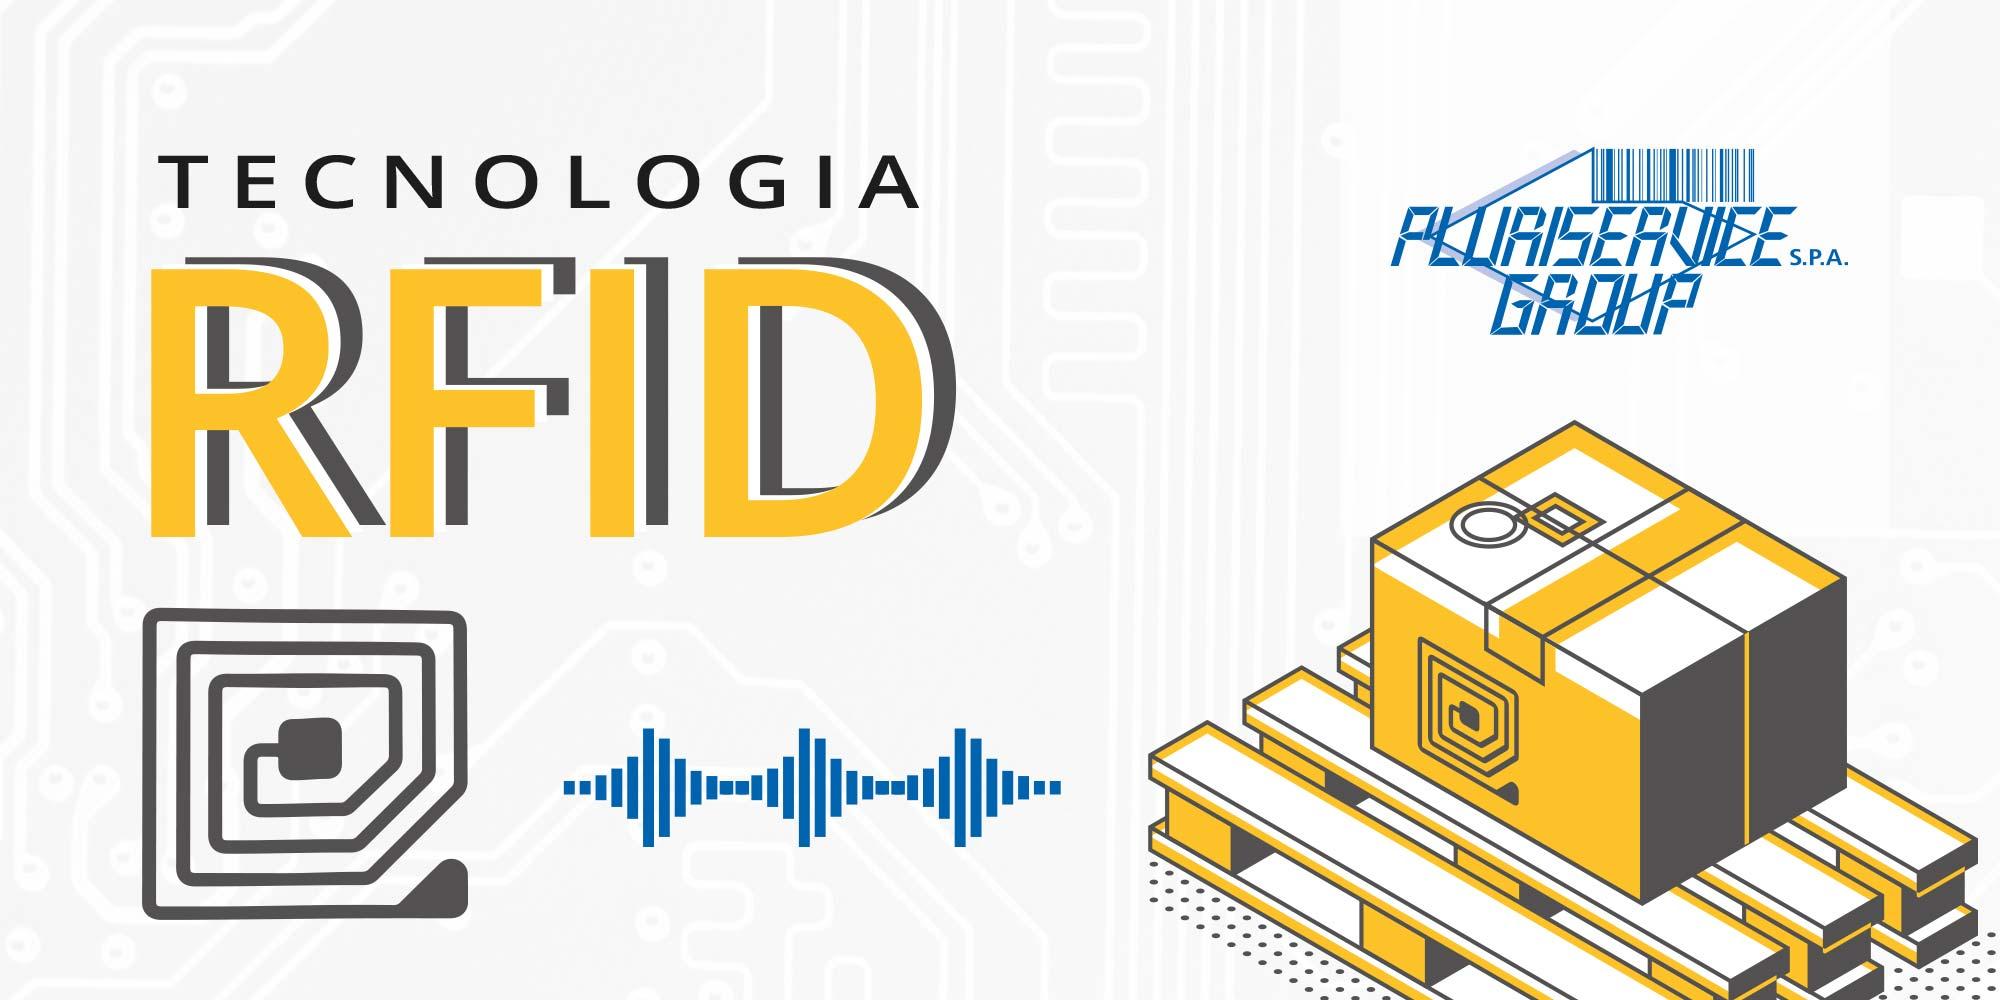 Tecnologia RFID